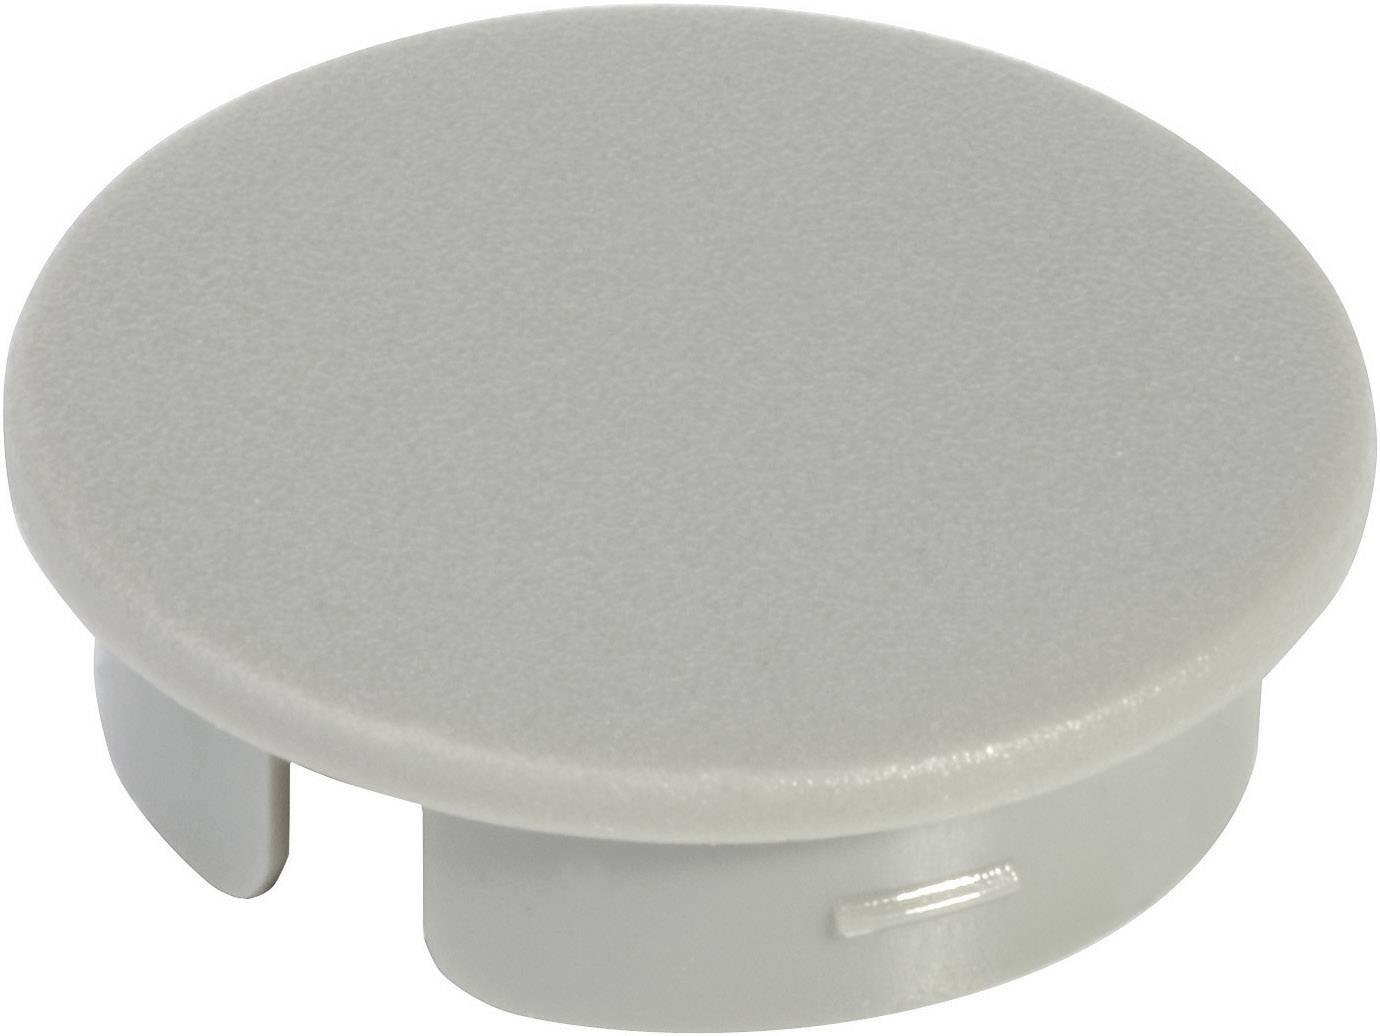 Krytka na otočný knoflík bez ukazatele OKW, pro knoflíky/O 16 mm, šedá